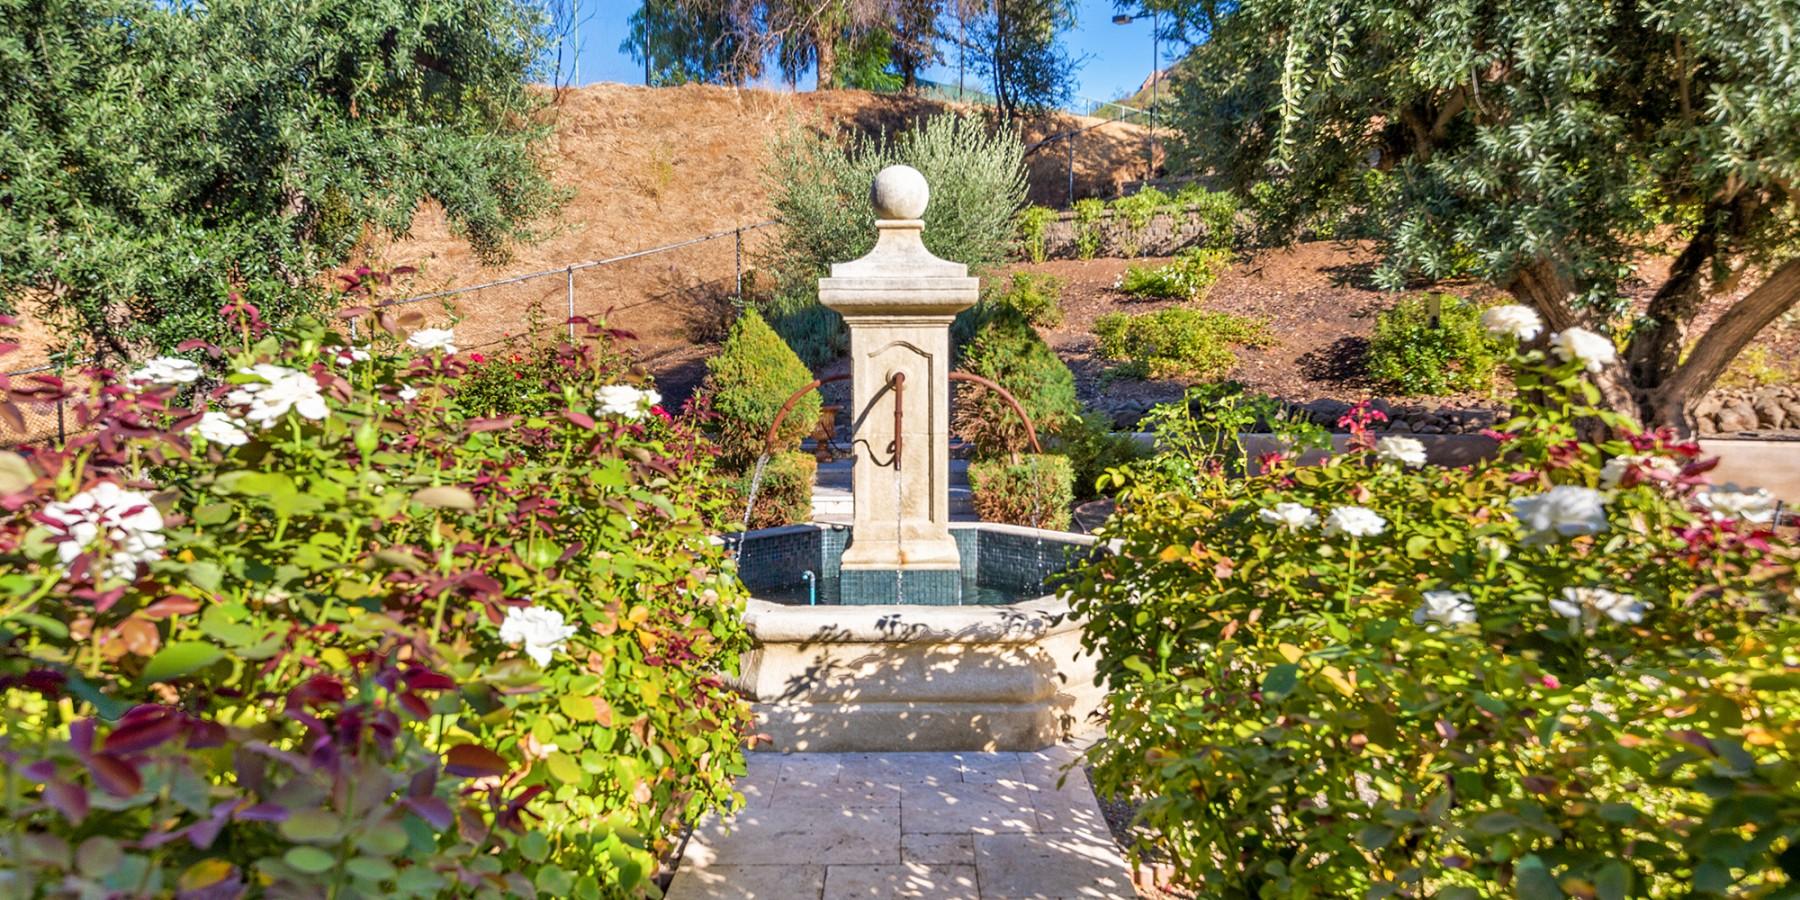 30124 Mulholland Hwy, Agoura Hills, CA 91301